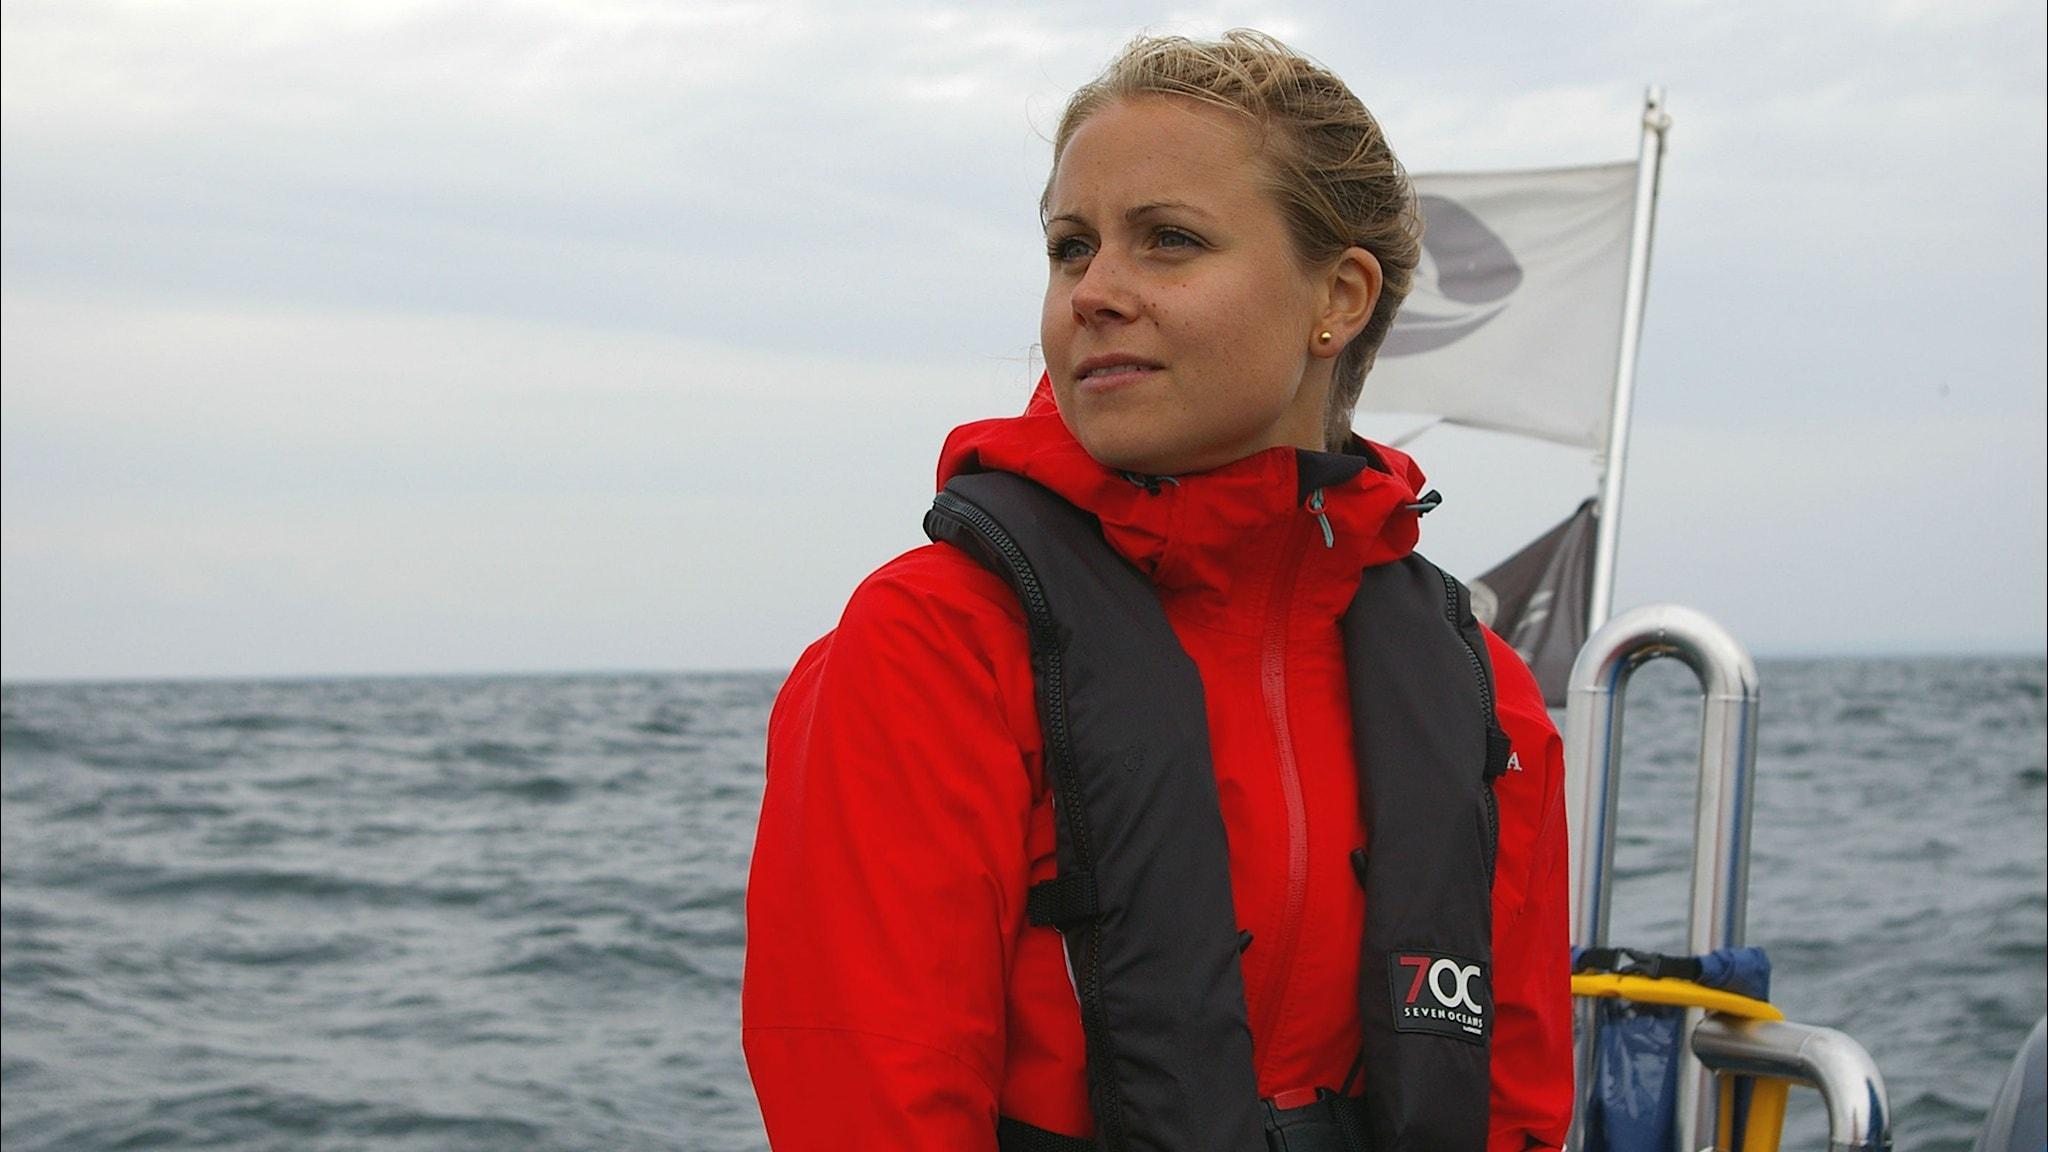 Tumlande start på ett forskarliv till sjöss (R)